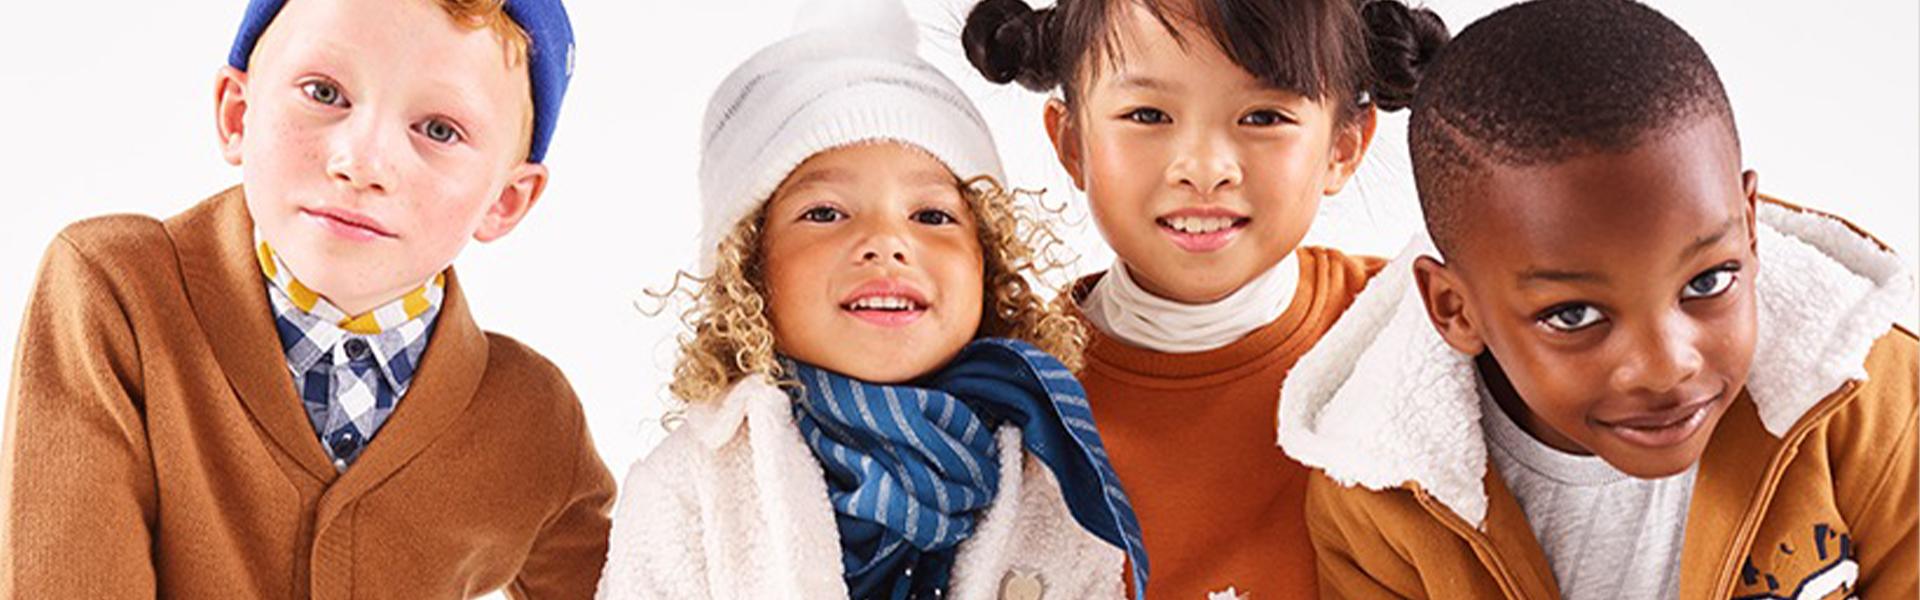 Сите топли парчиња за вашите најмили во кои нема да се грижат за студот!